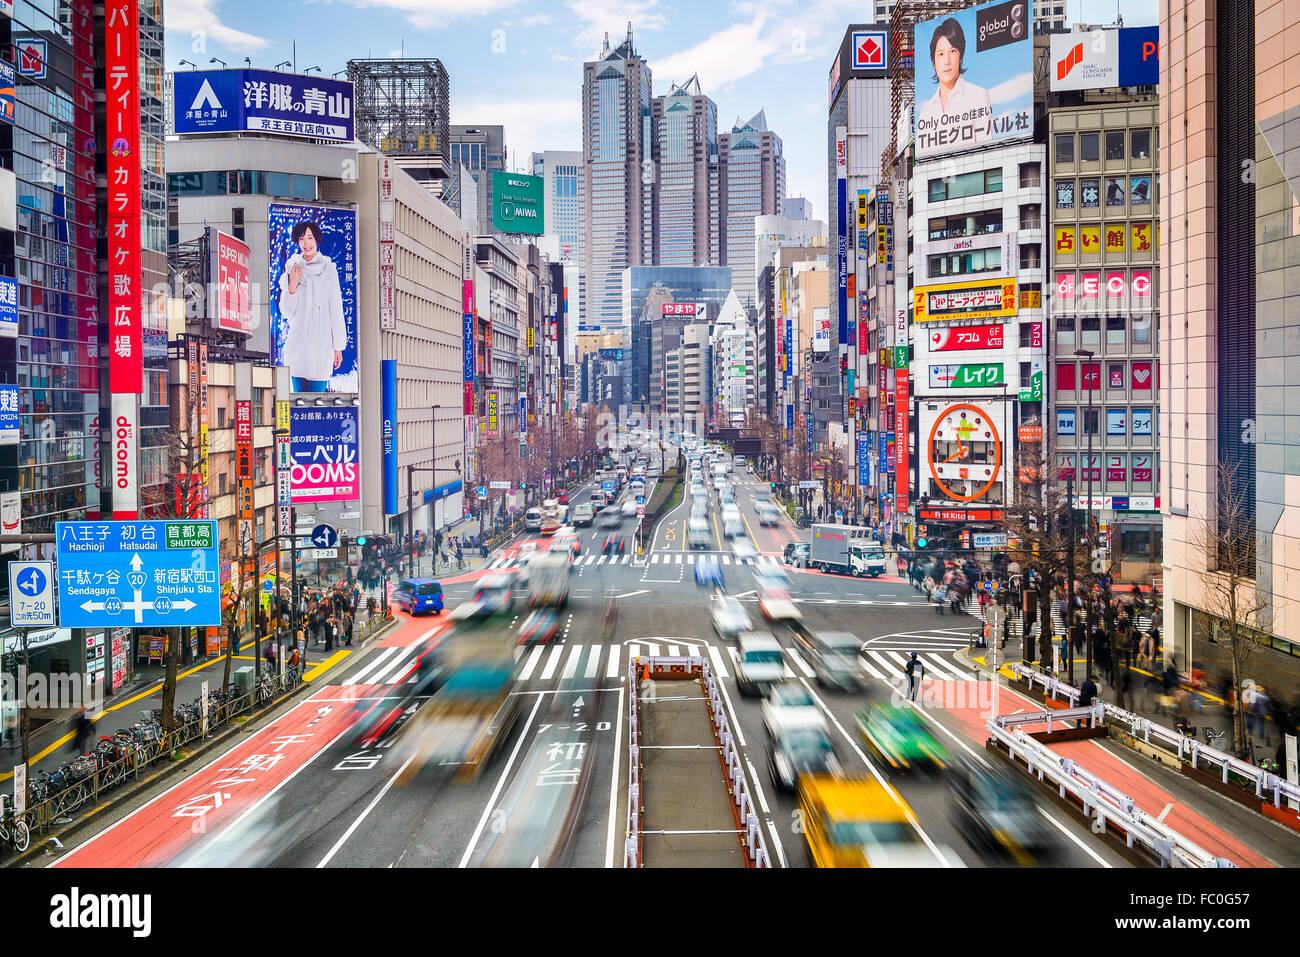 Traffic at Shinjuku district of Tokyo, Japan. - Stock Image